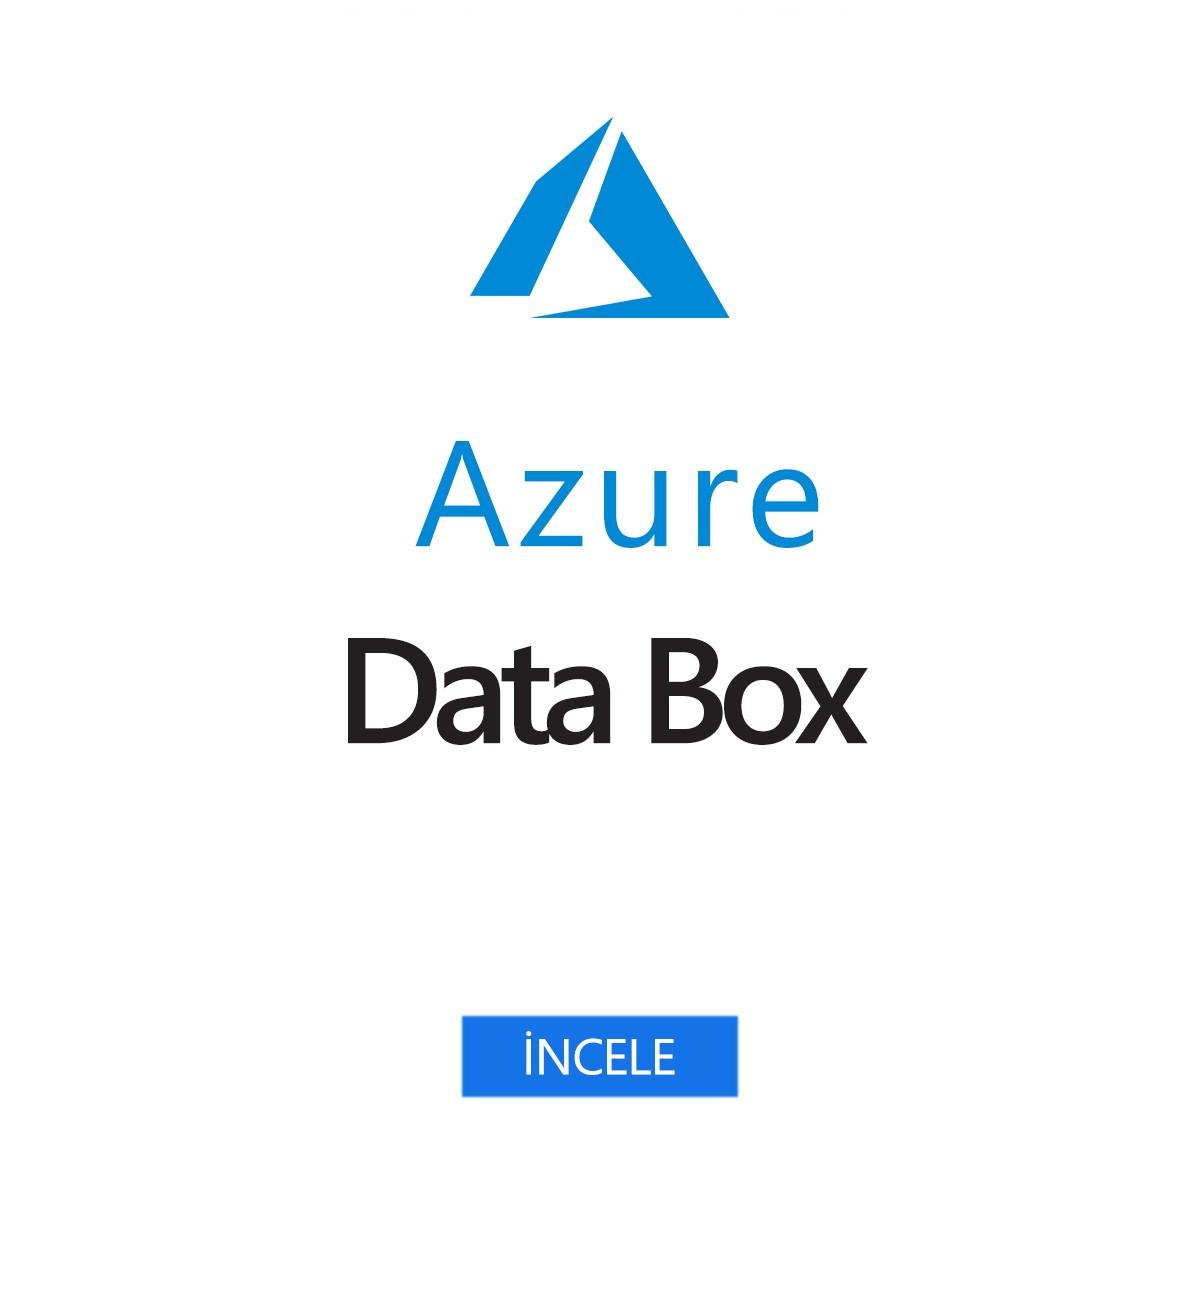 Azure Data Box